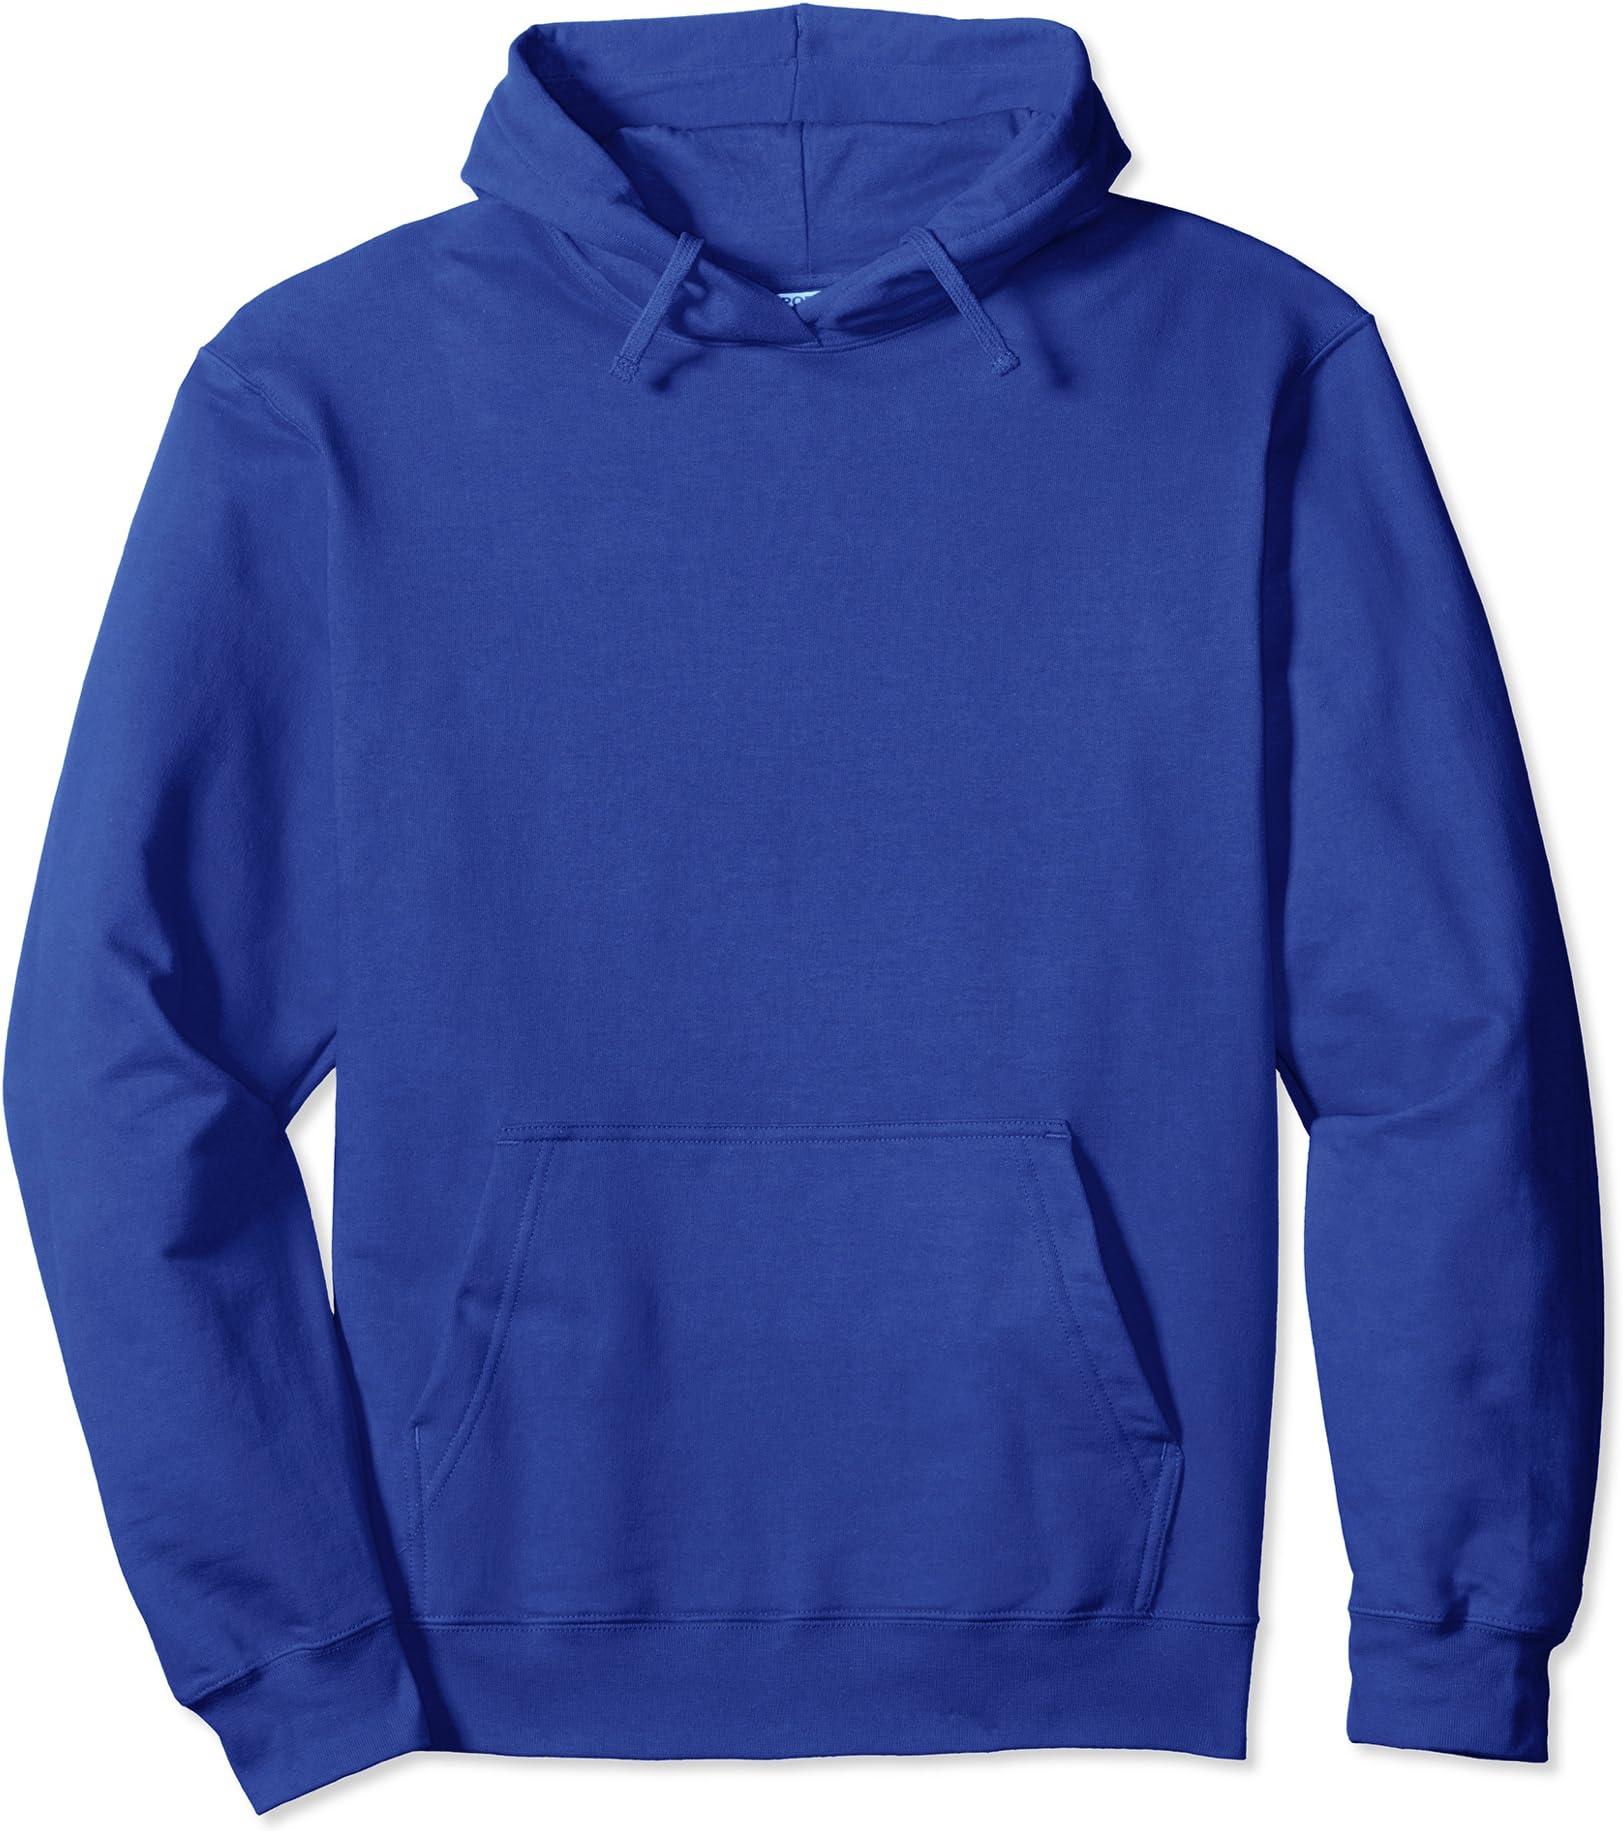 Small Hoodie Devils Tower Funny Unisex Casual Sweatshirt Pocket Hoodie